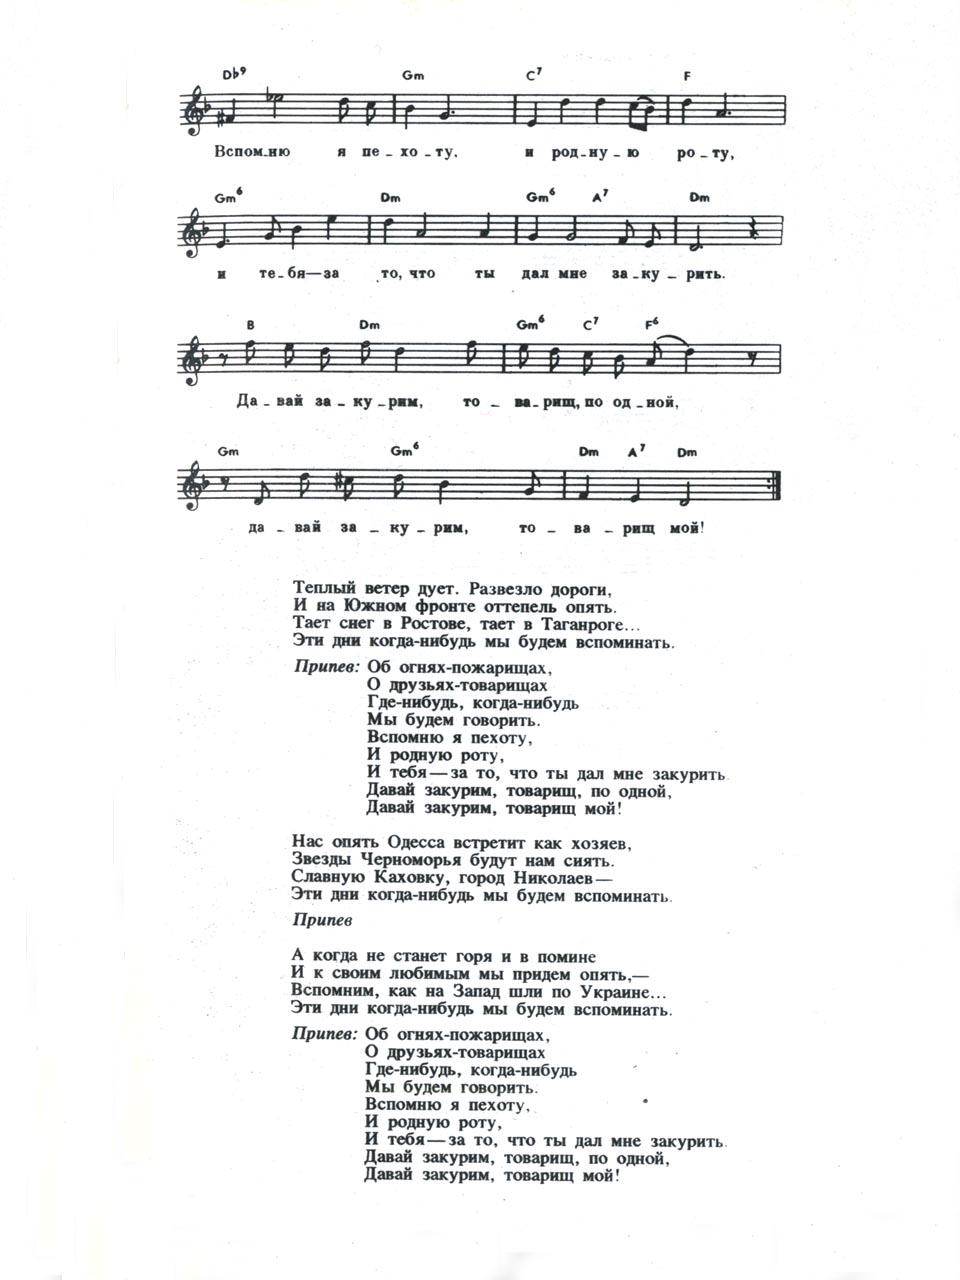 М. Табачников, И. Френкель. Песня «Давай закурим». Ноты для голоса и аккорды